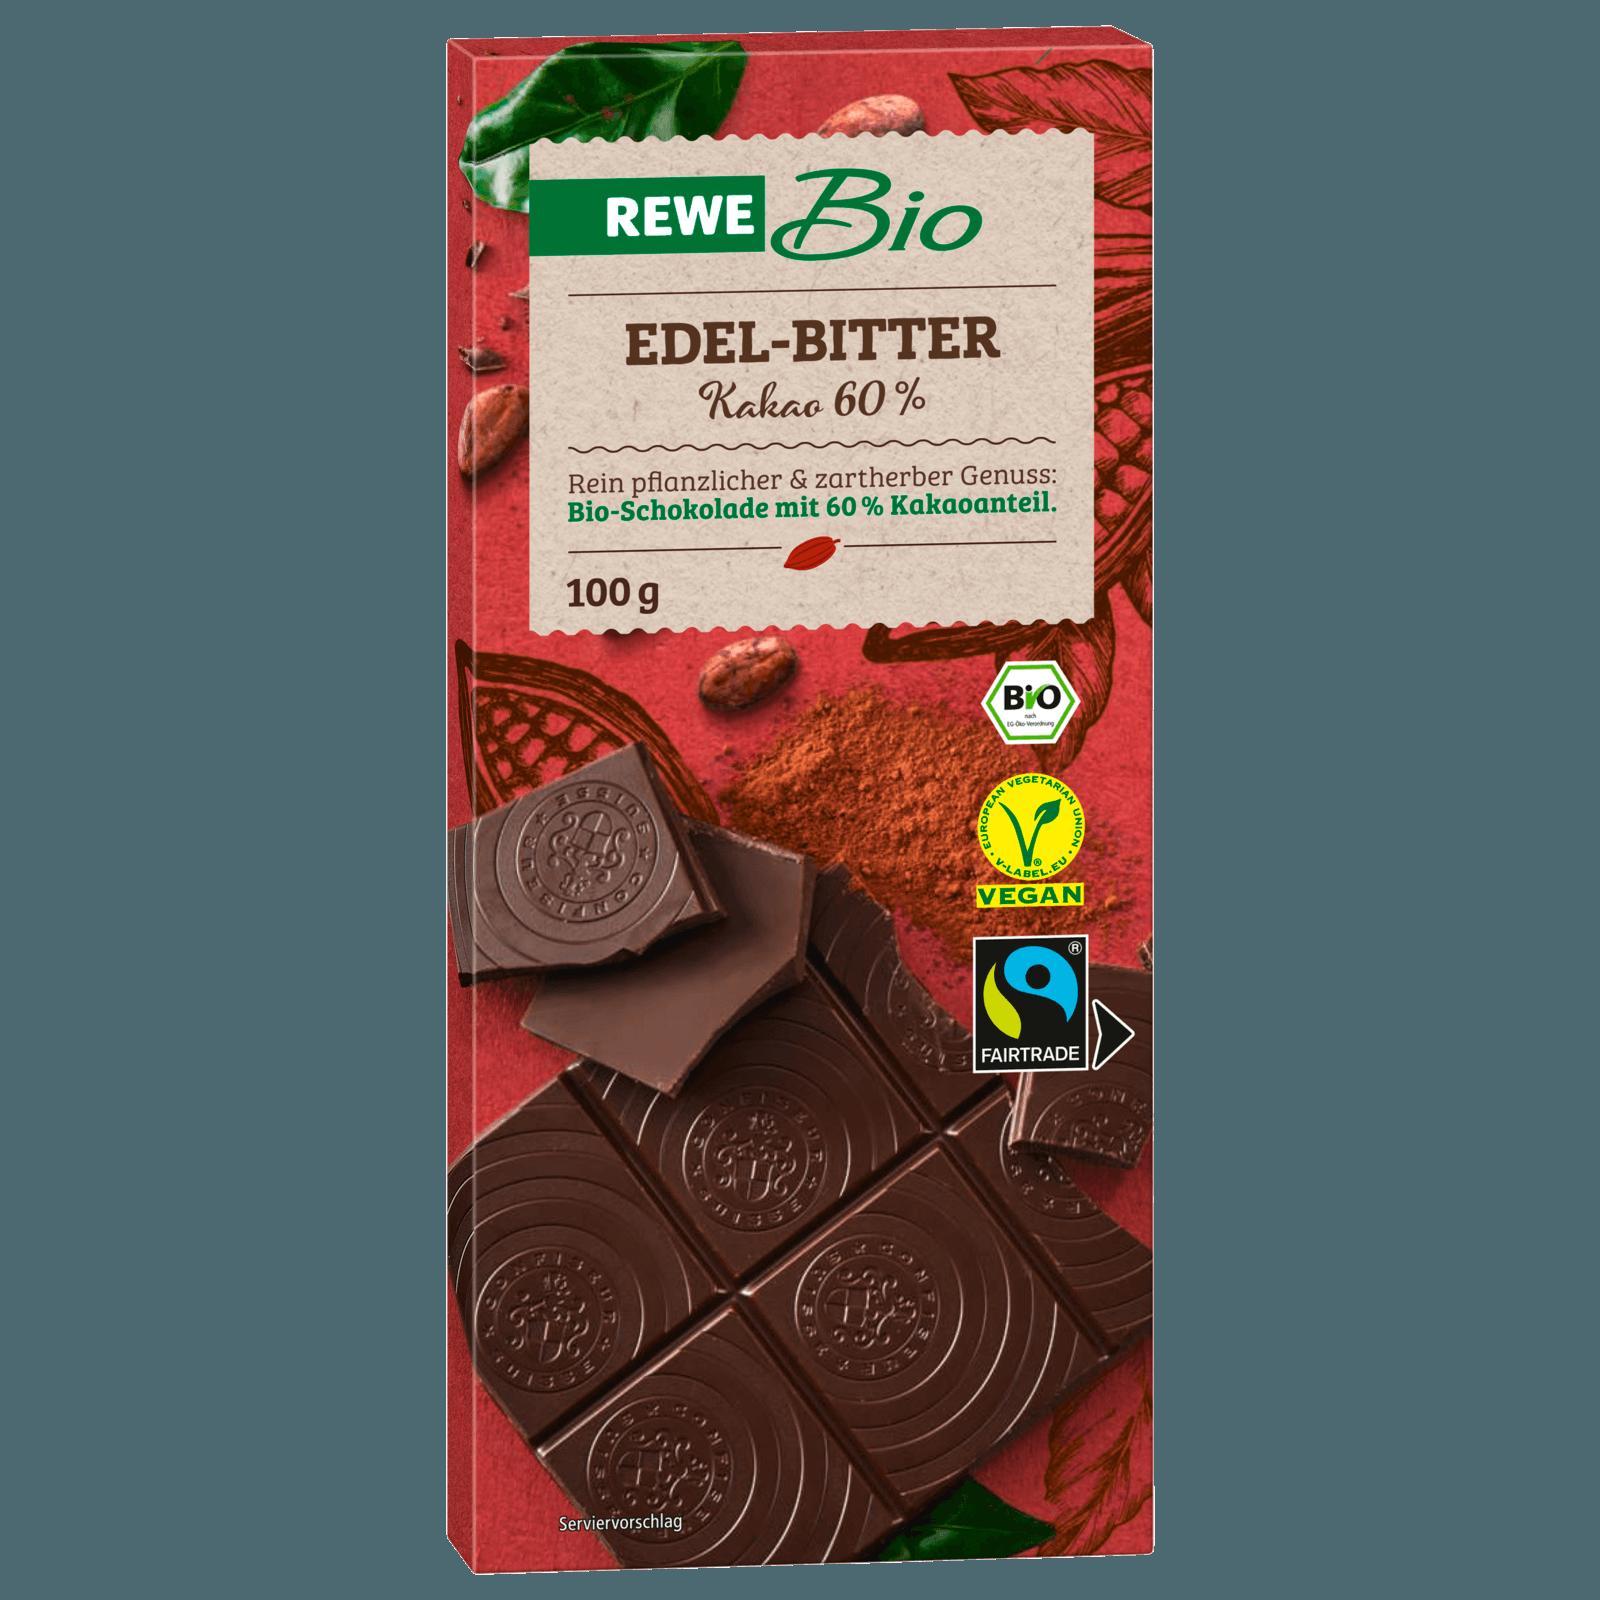 Rewe Bio Schweizer Edelbitter Schokolade 100g Bei Rewe Online Bestellen